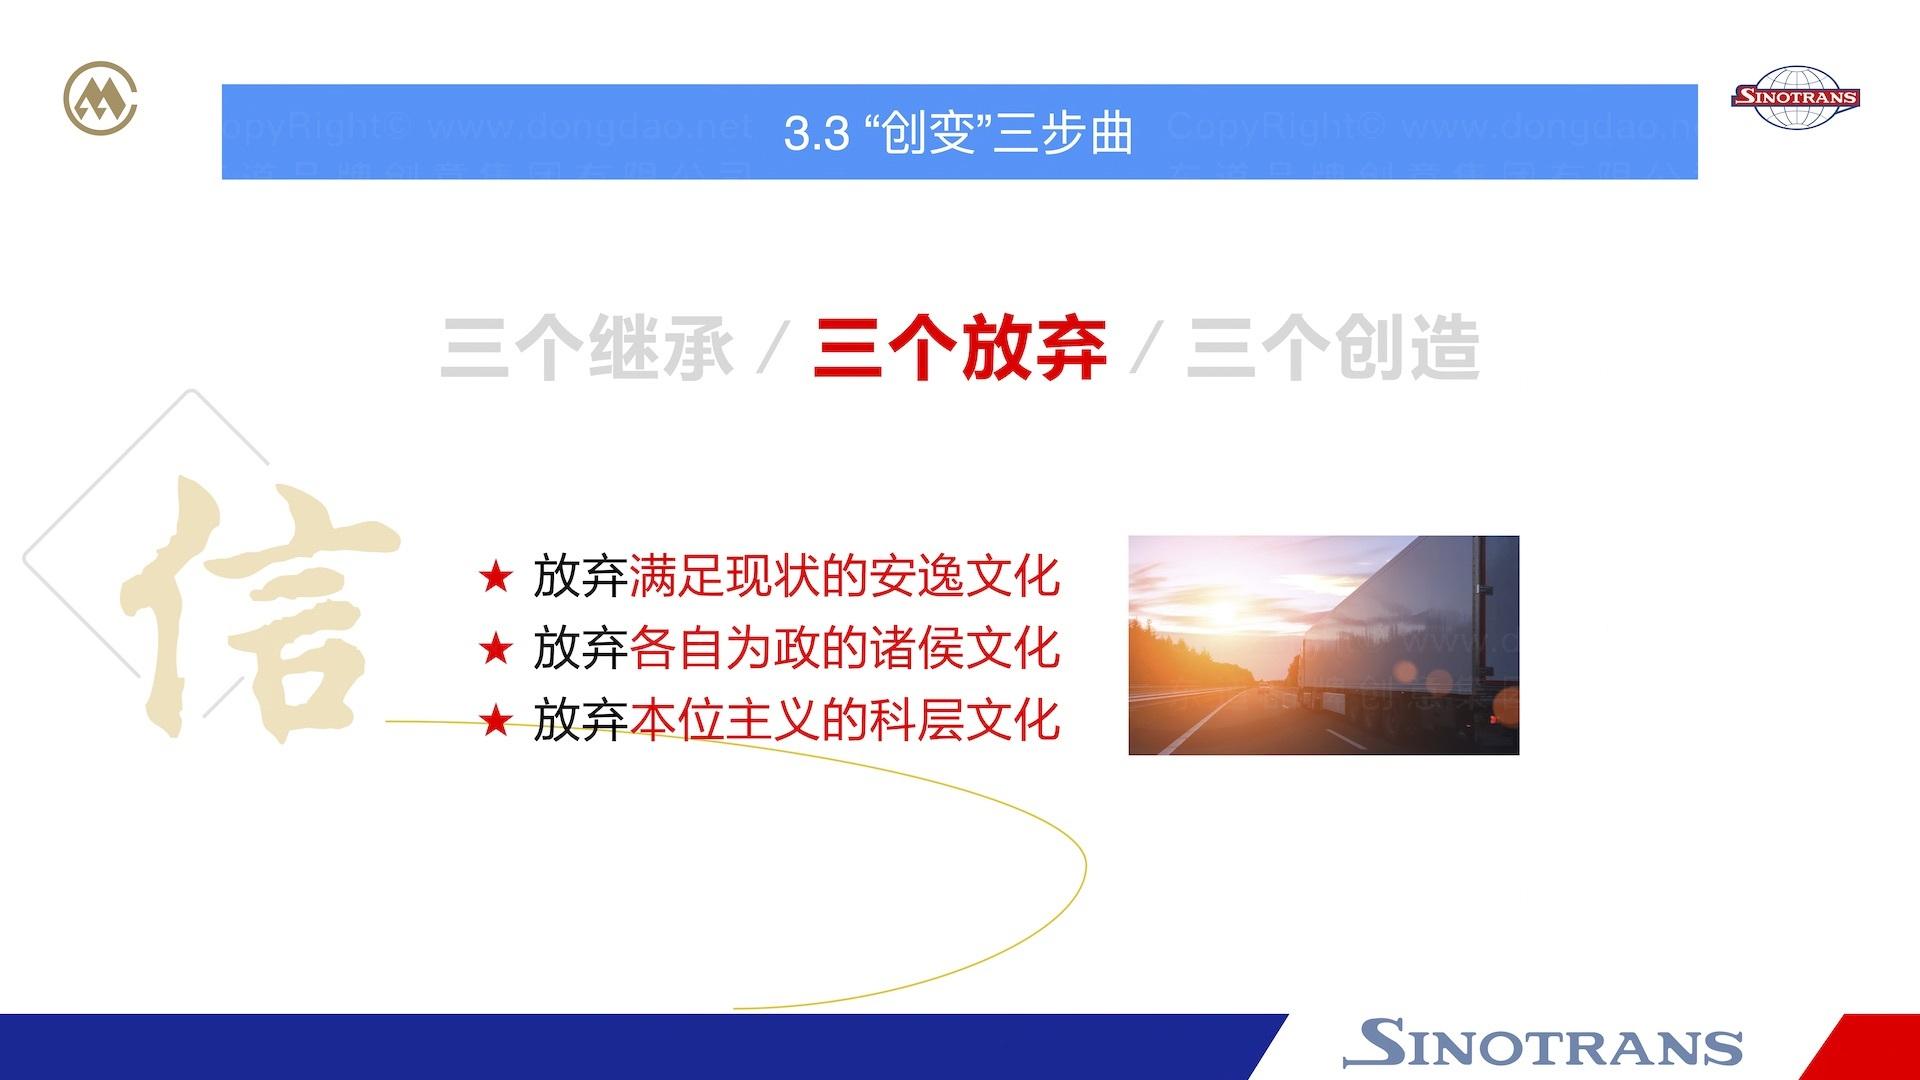 品牌战略&企业文化中国外运企业文化落地项目企业文化手册应用场景_7